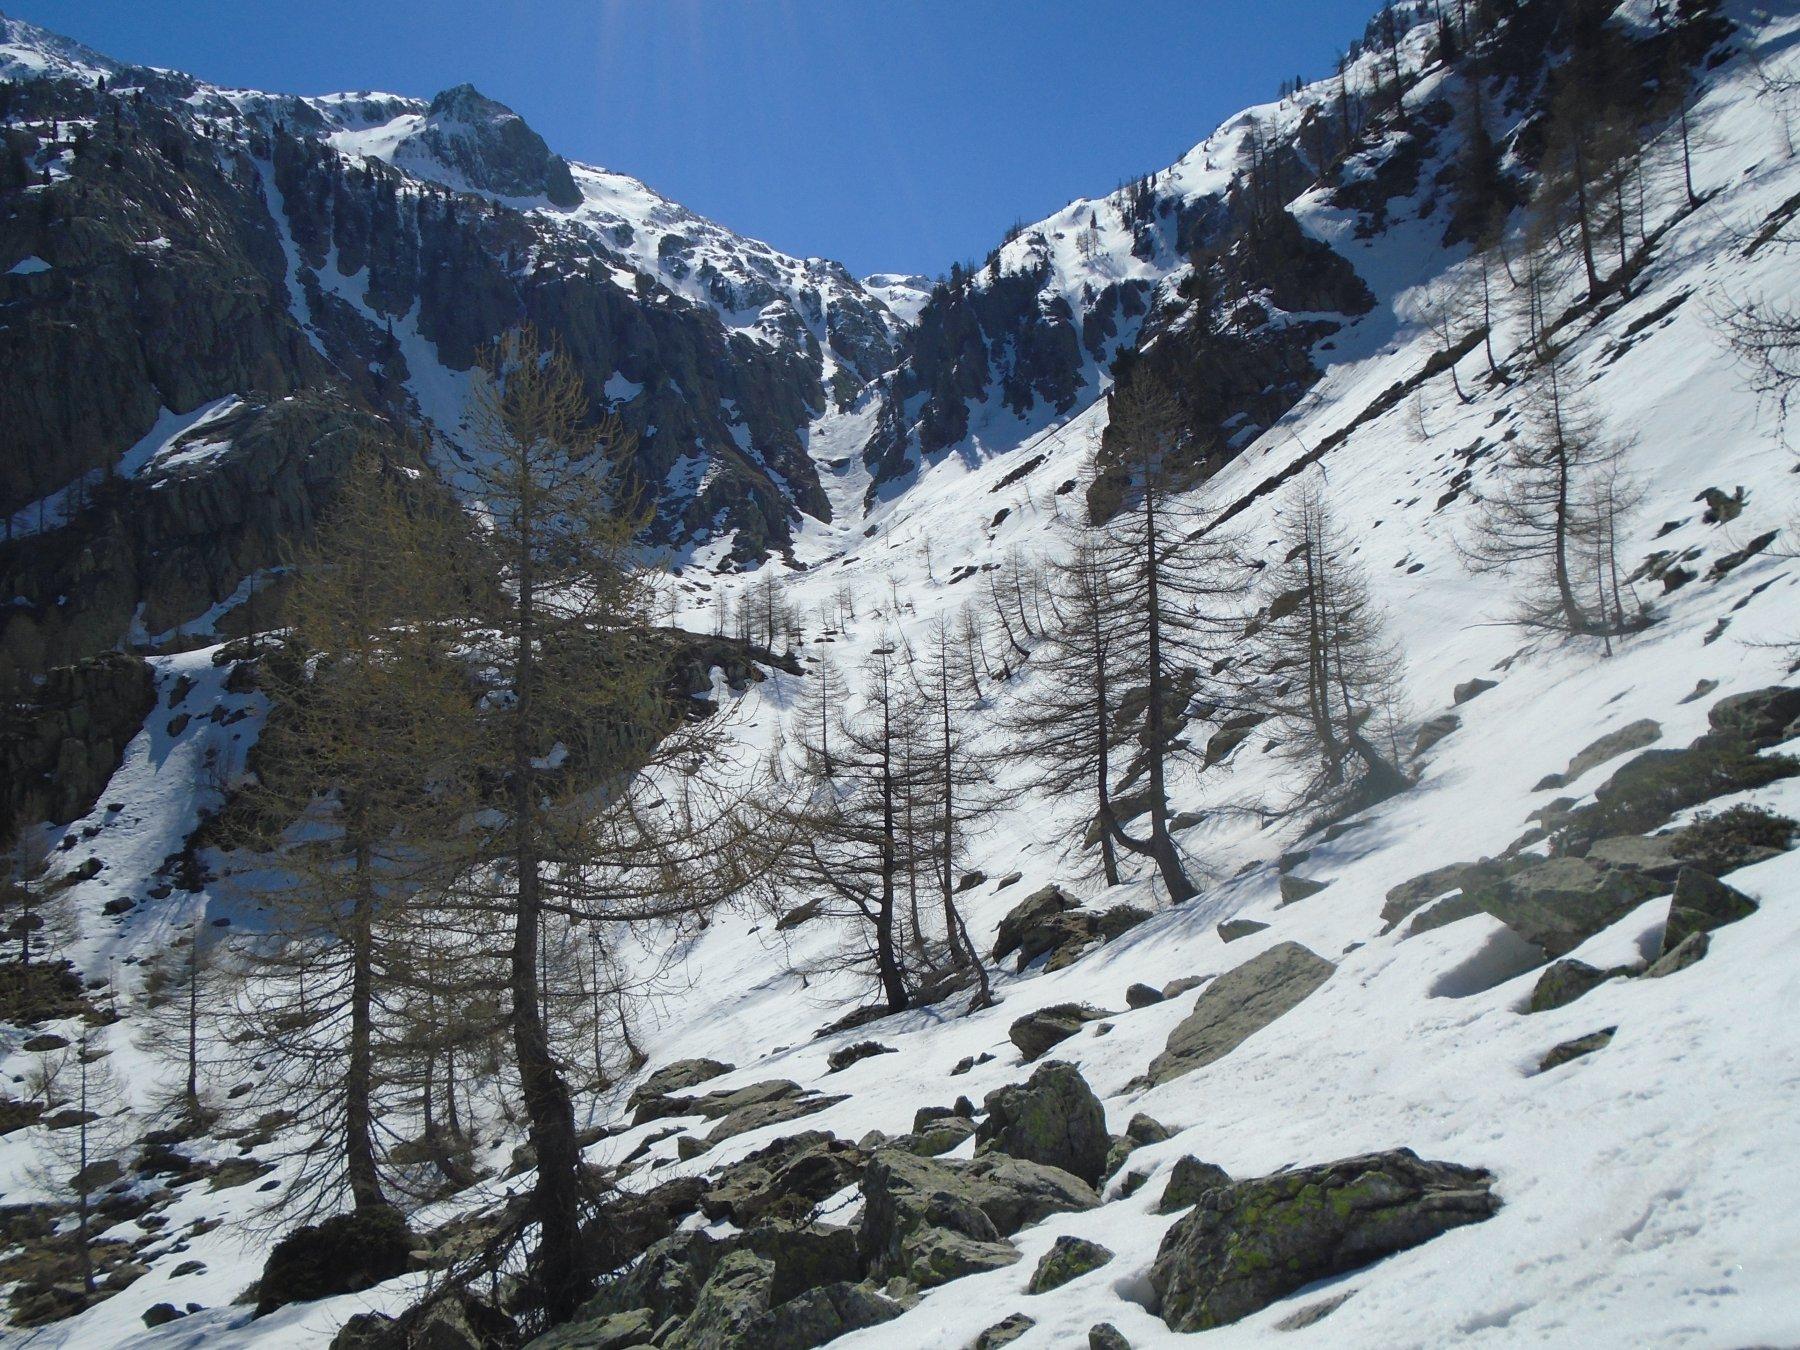 Neve continua dai pressi del Rif. Elena